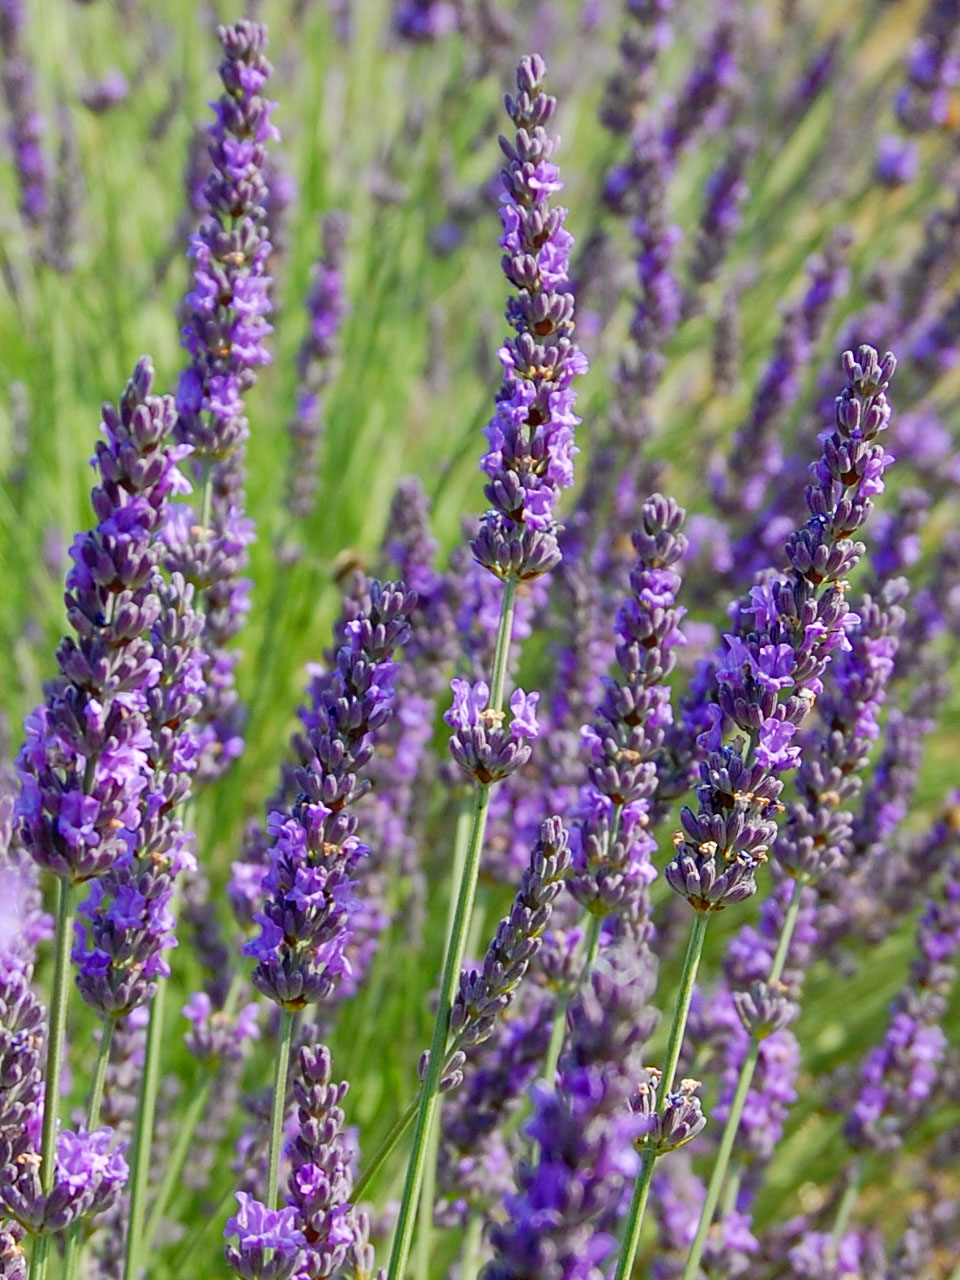 Reasons to Grow Lavender in Your Garden | GARDEN OF EADY